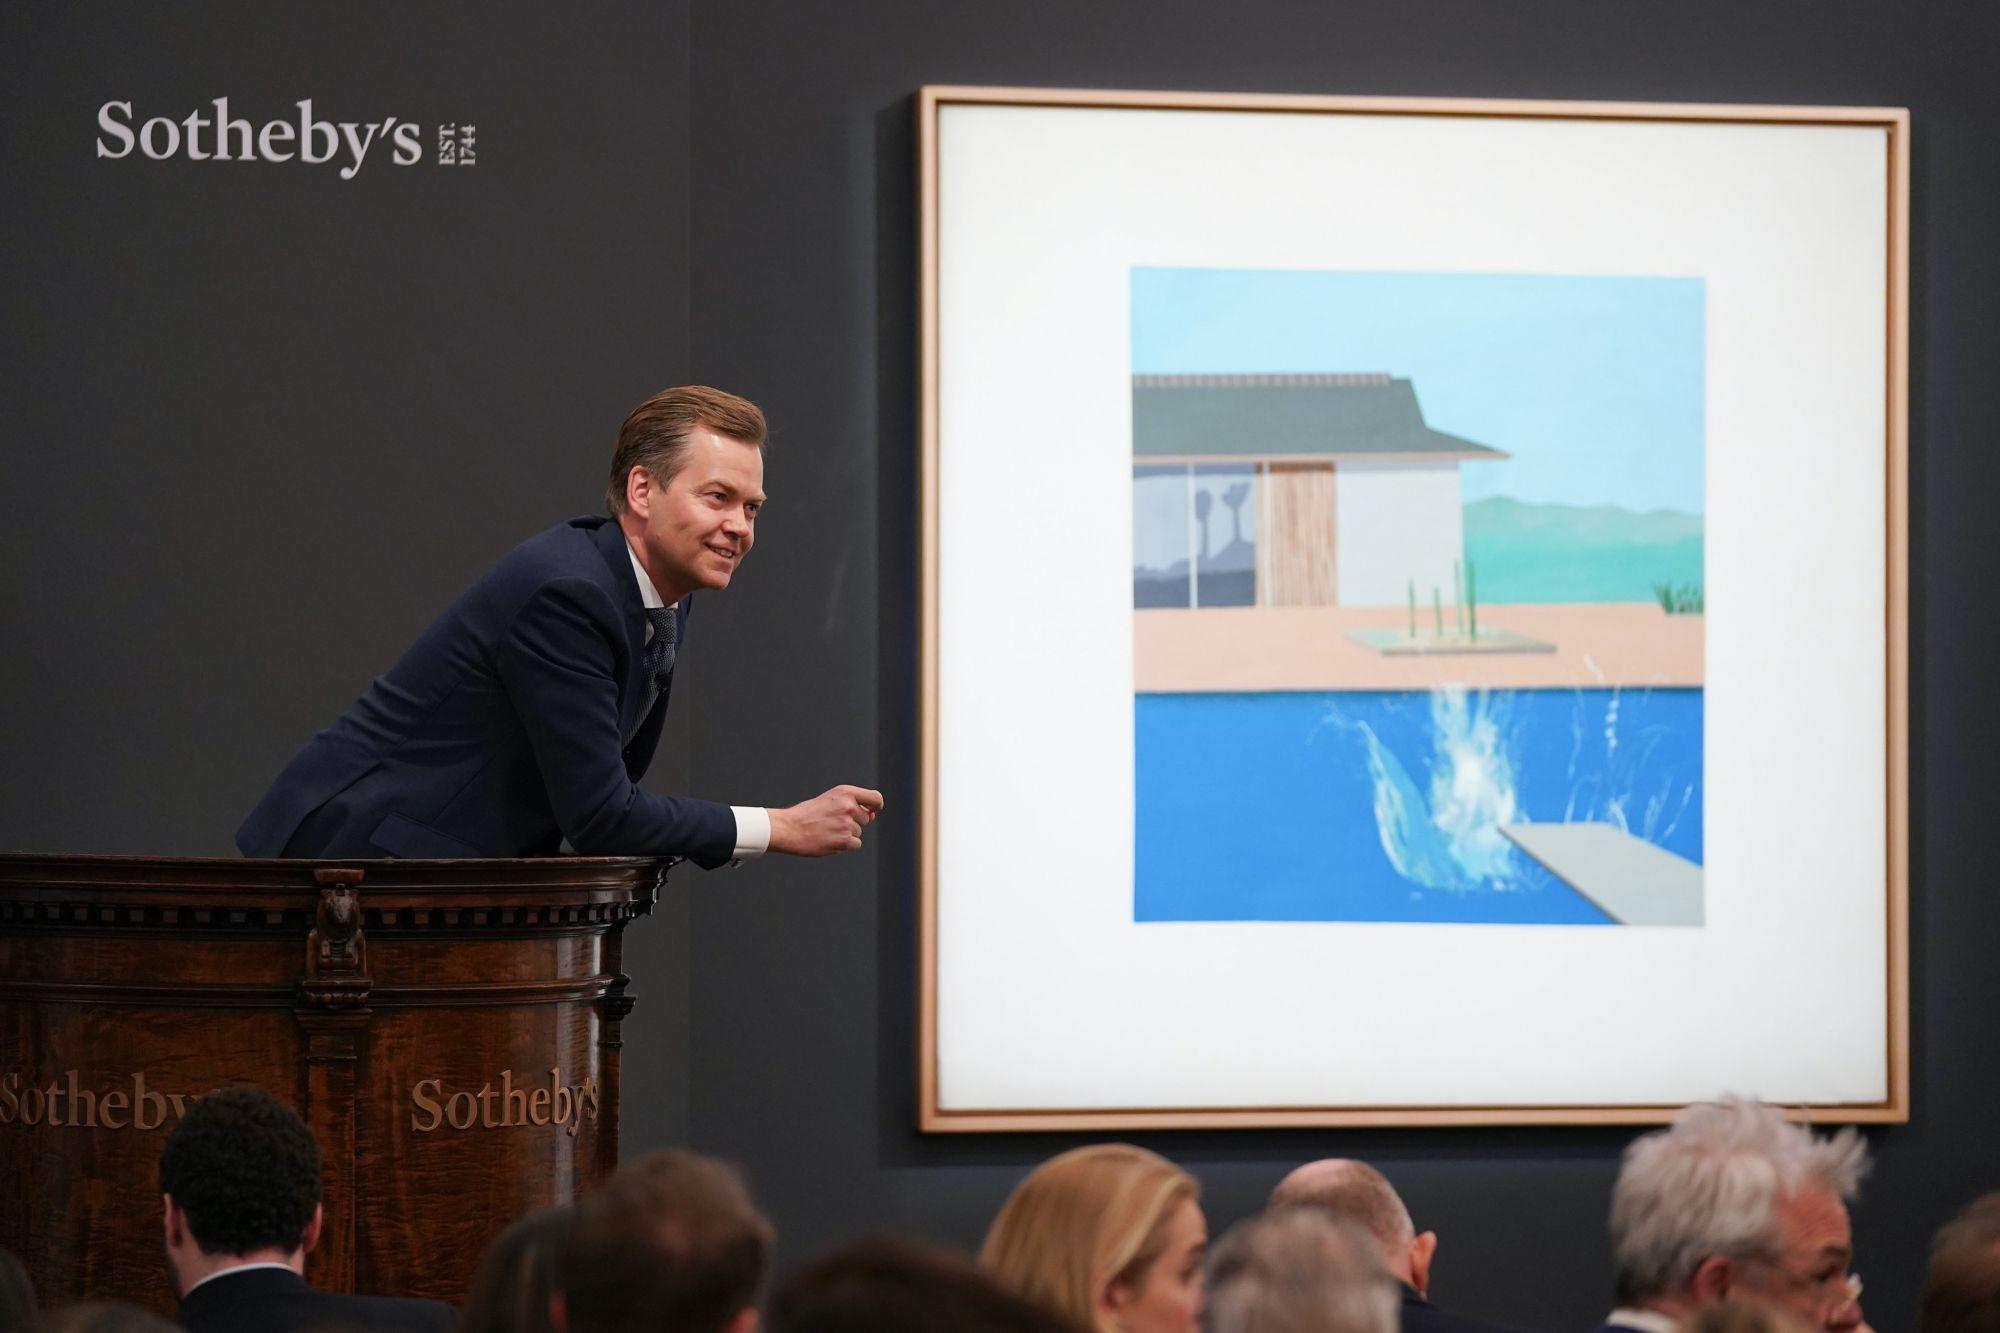 倫敦蘇富比當代藝術晚拍總成交額達9000多萬英鎊,David Hockney重要鉅作以天價成交